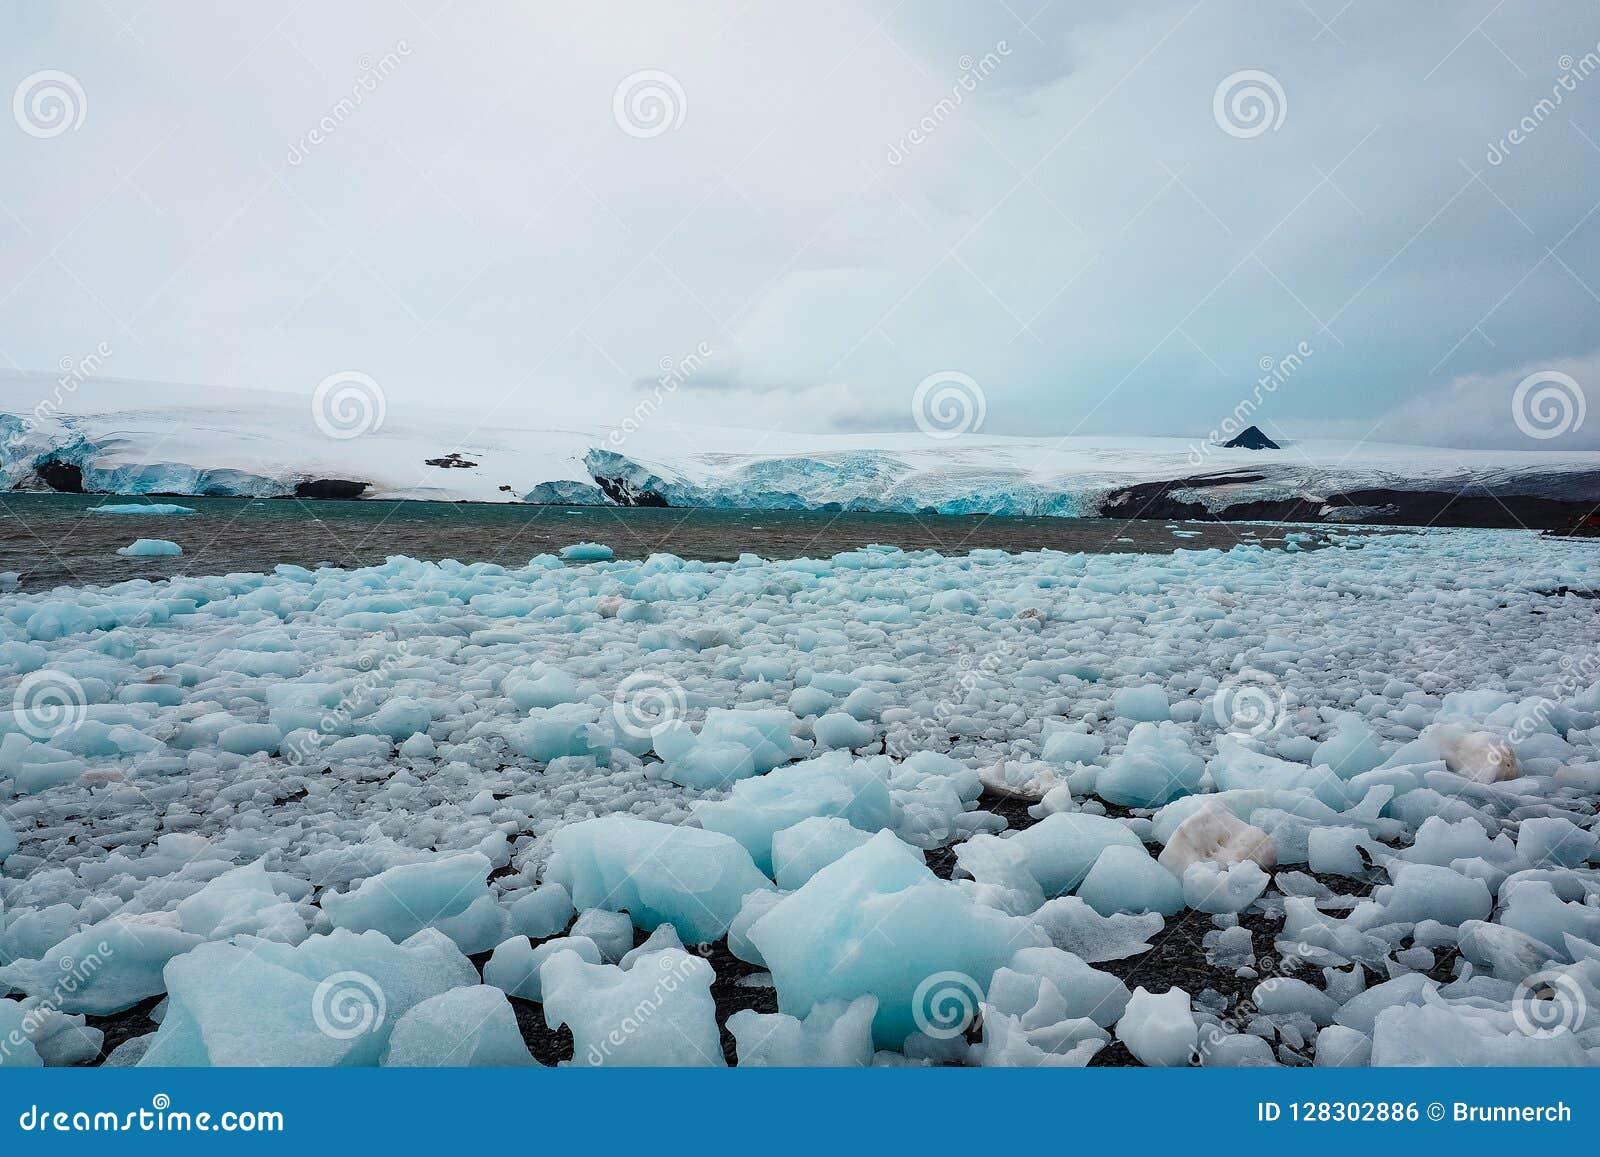 Ice boulders broken off from Antarctic glacier